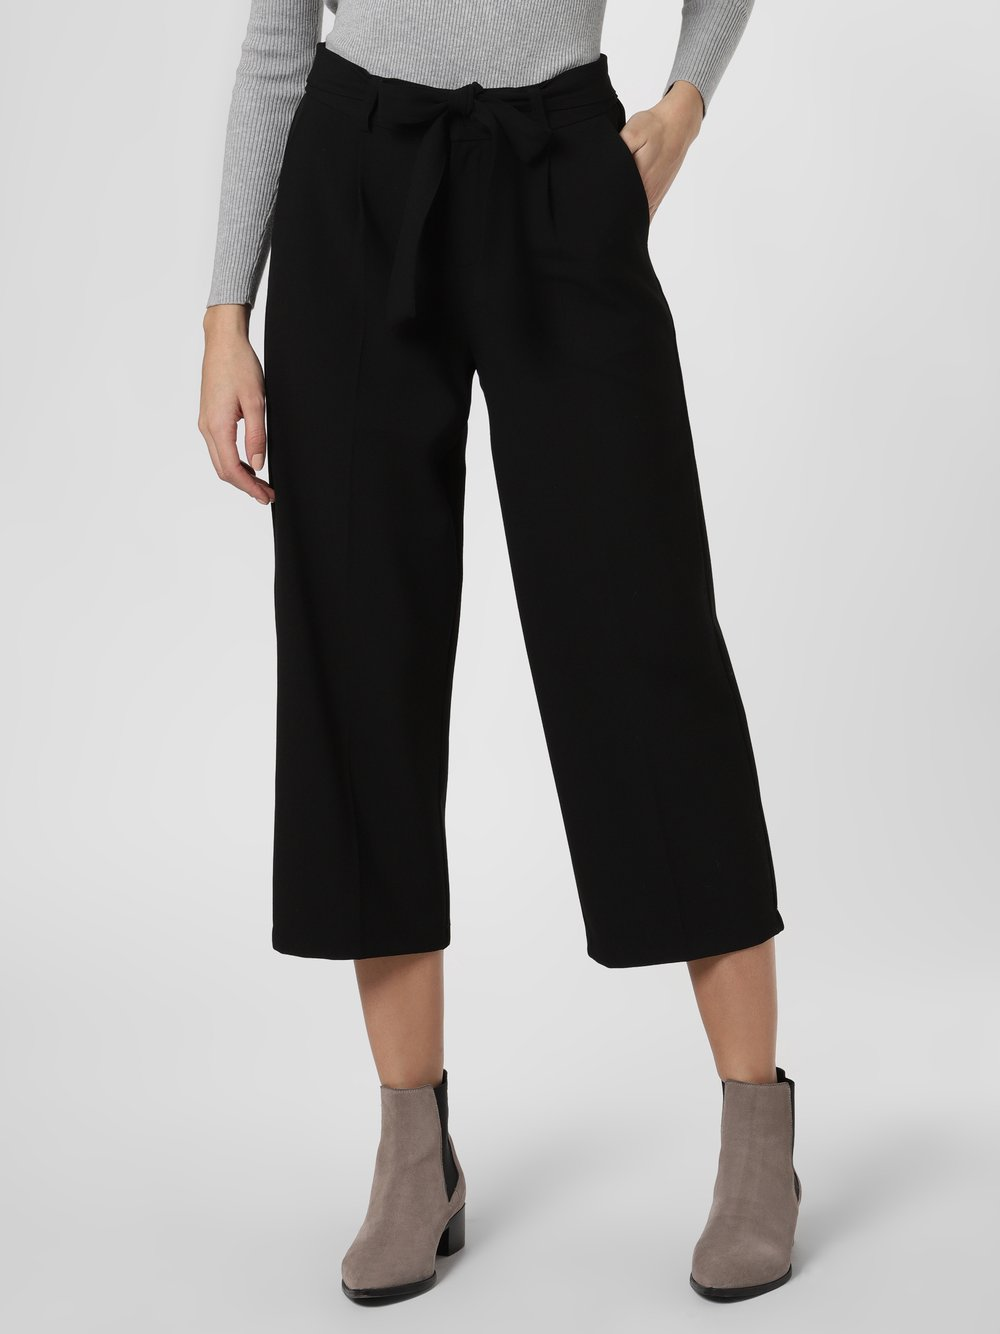 Marie Lund - Spodnie damskie, czarny